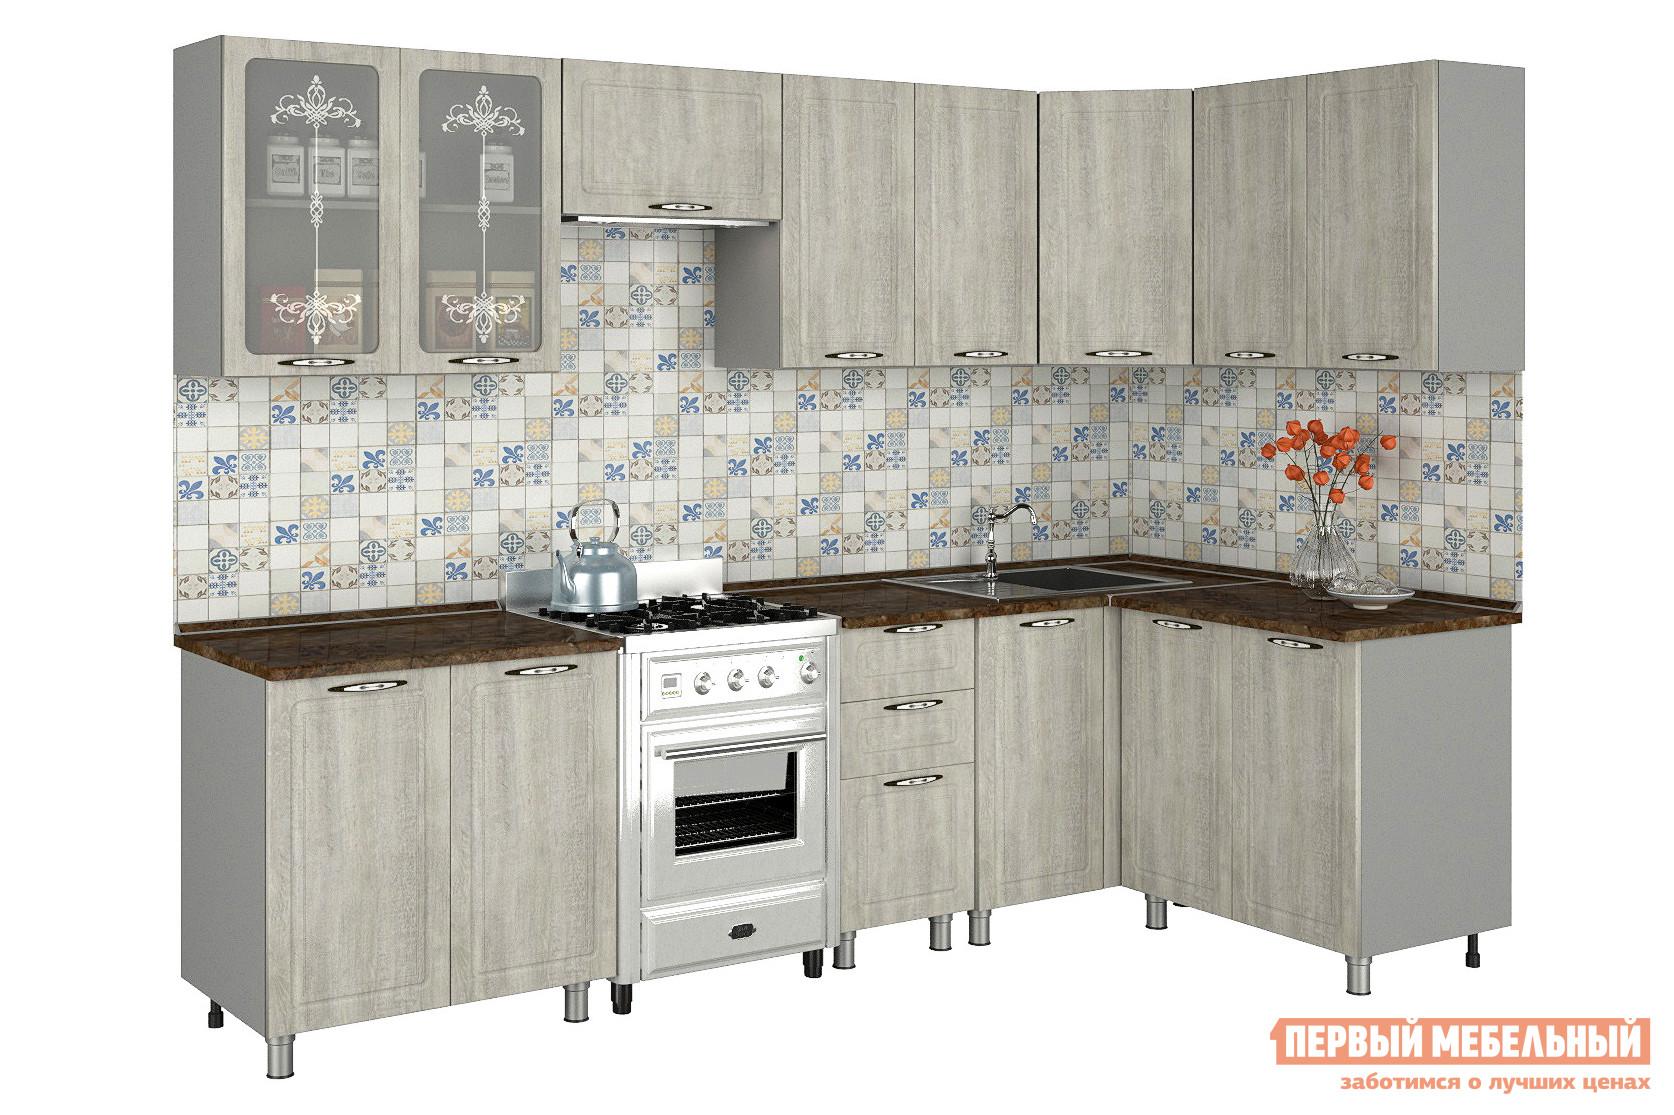 Угловой кухонный гарнитур Первый Мебельный Прованс 2,8х1,4 м